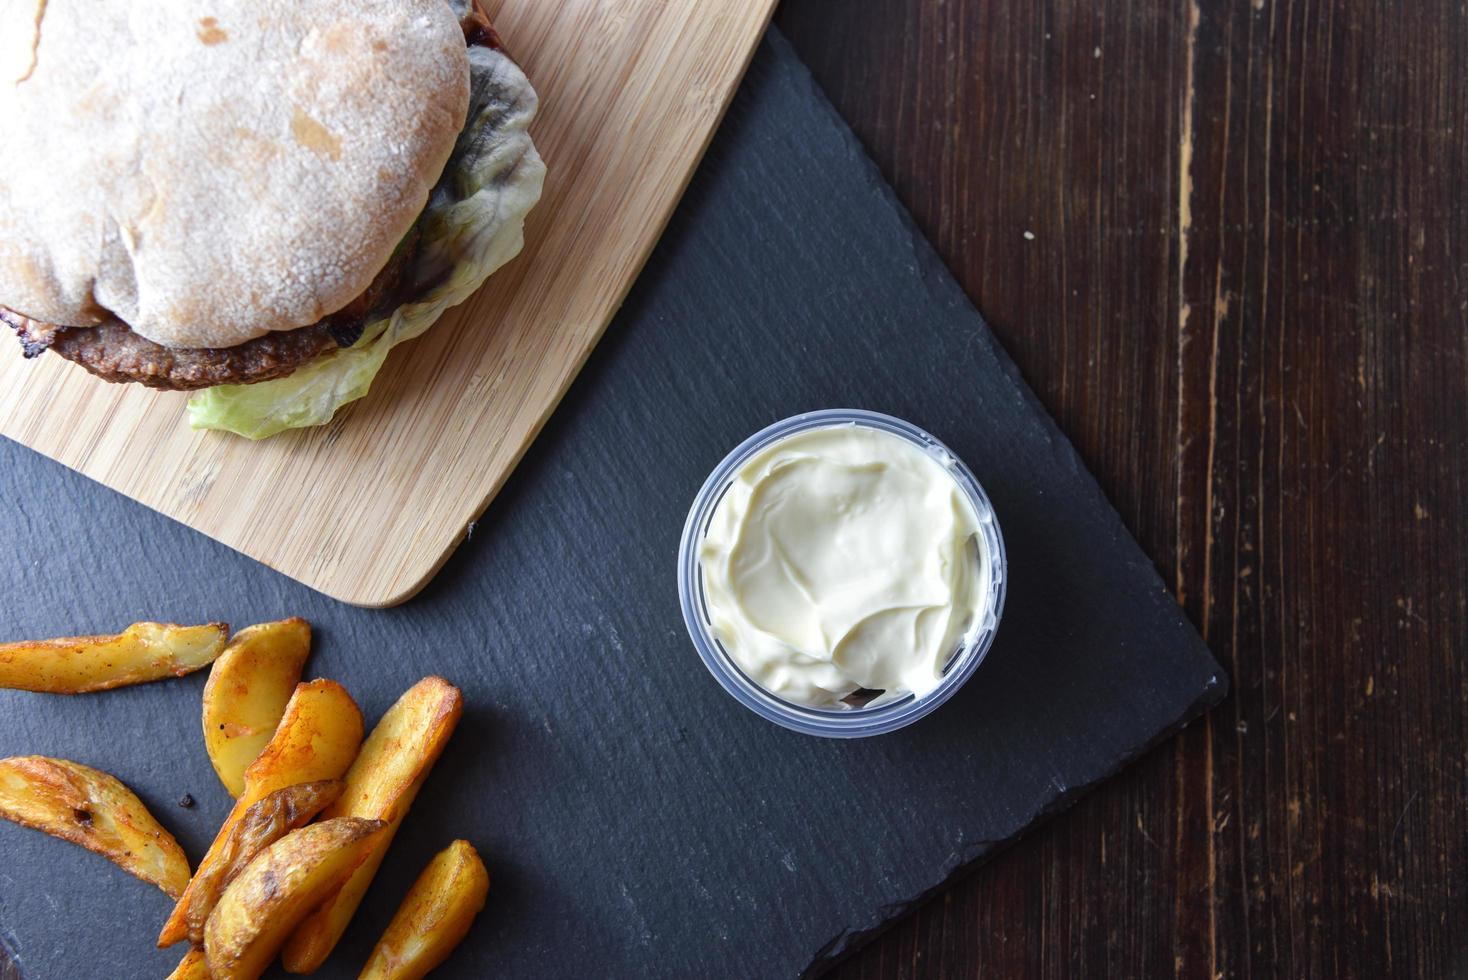 Grillburger mit Pommes Frites und Dip foto